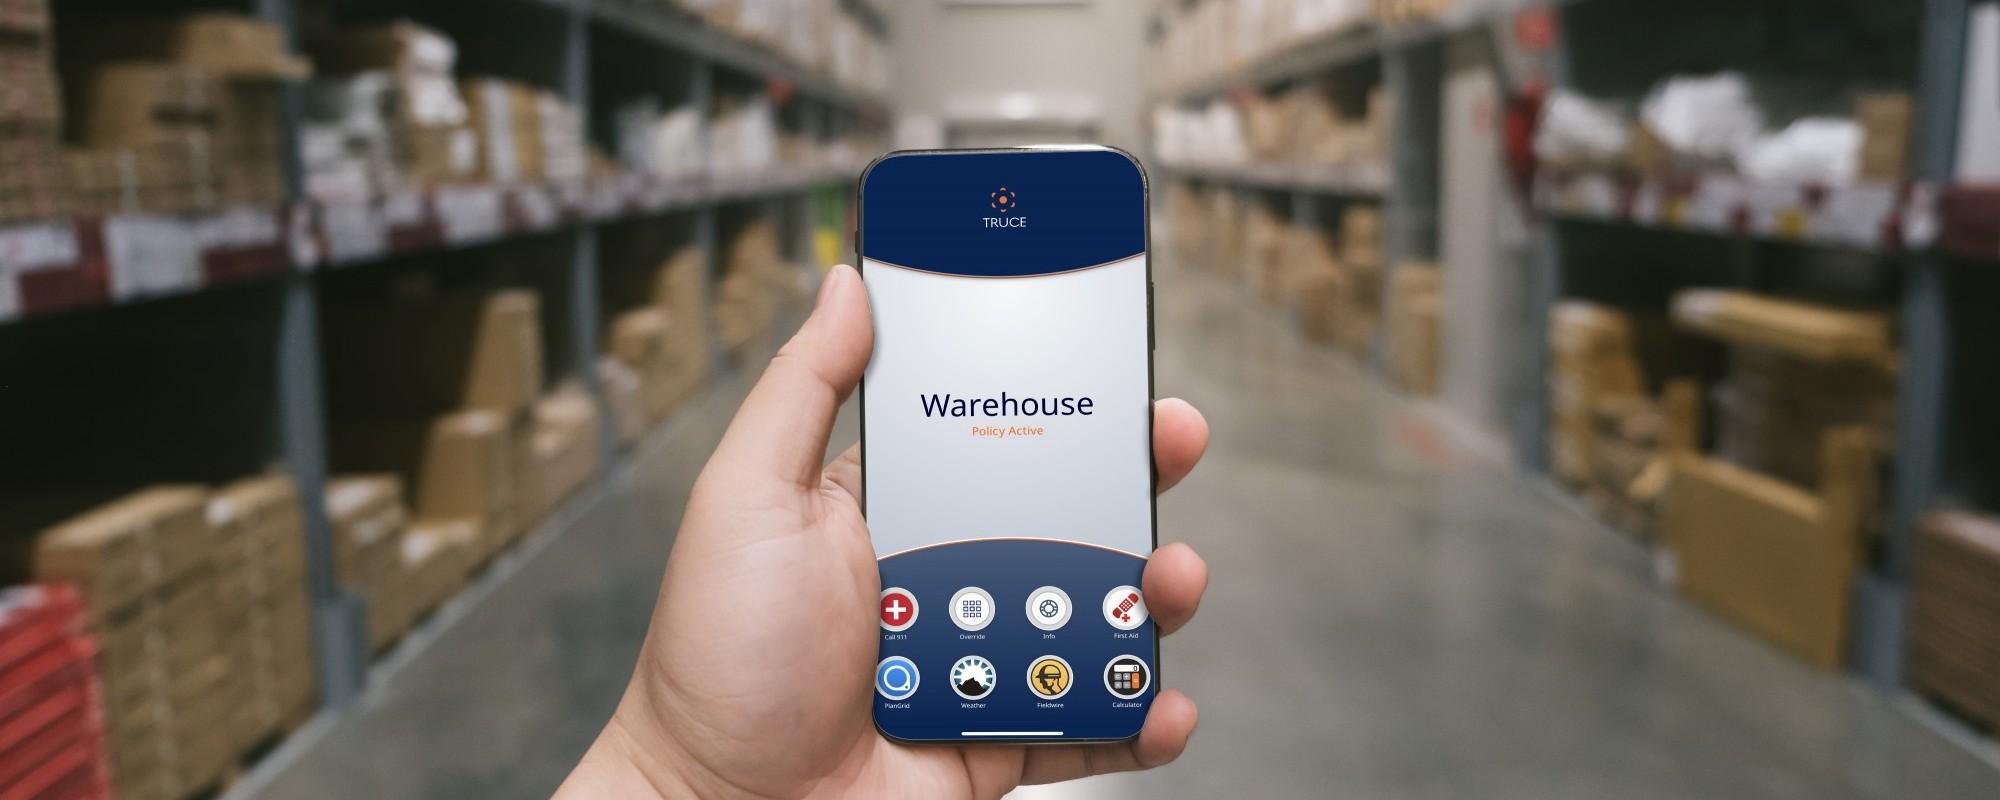 Eine Person hält ein Handy in einer Lagerhalle vor sich.